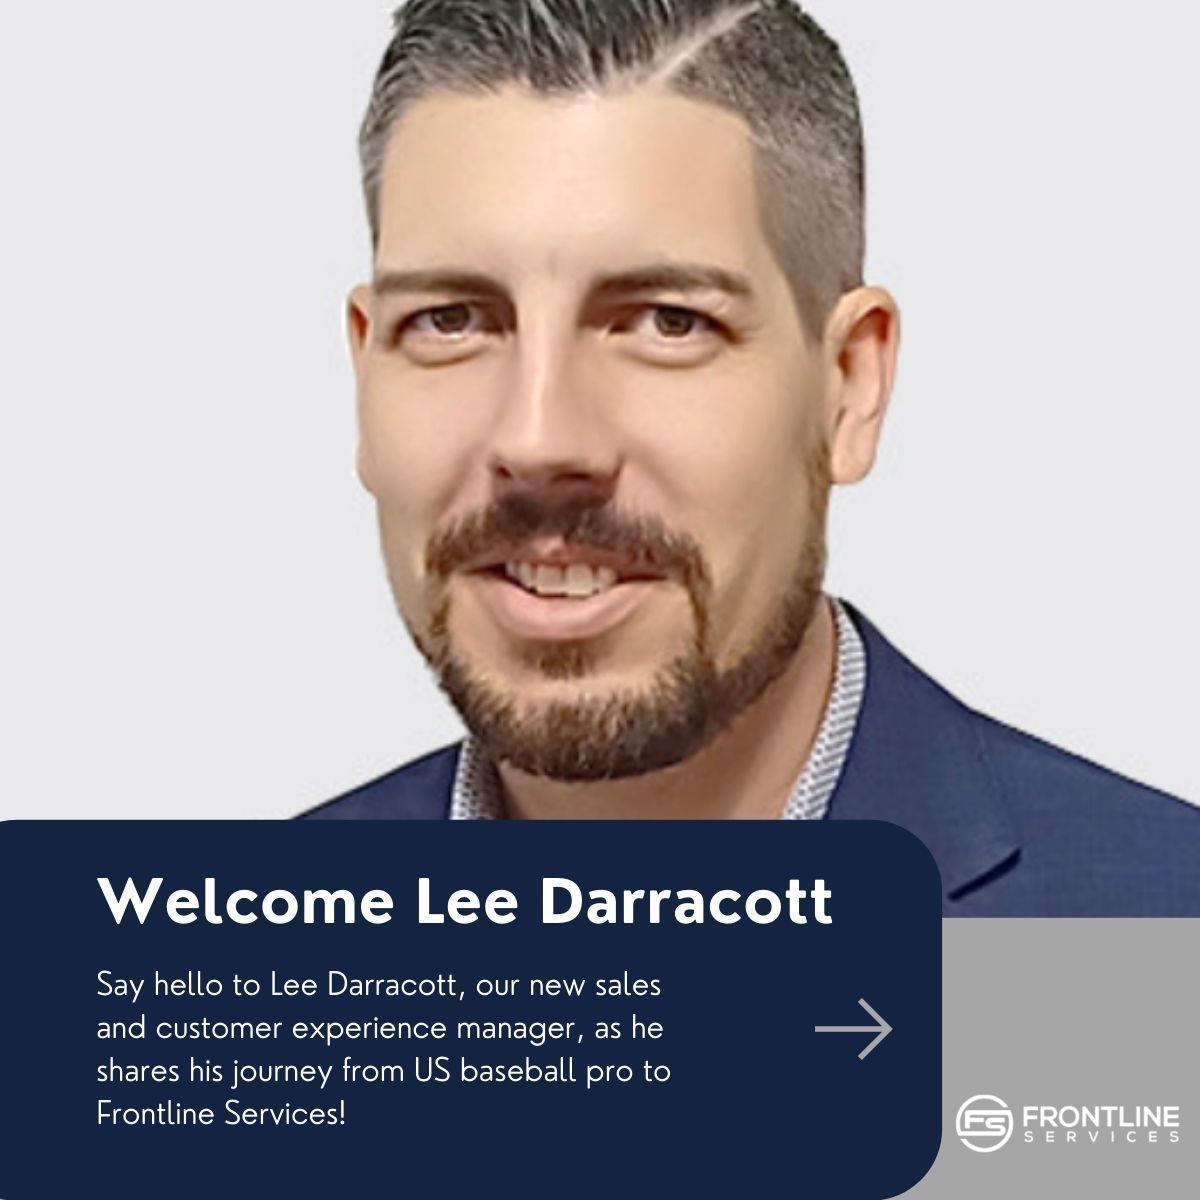 Lee Darracott